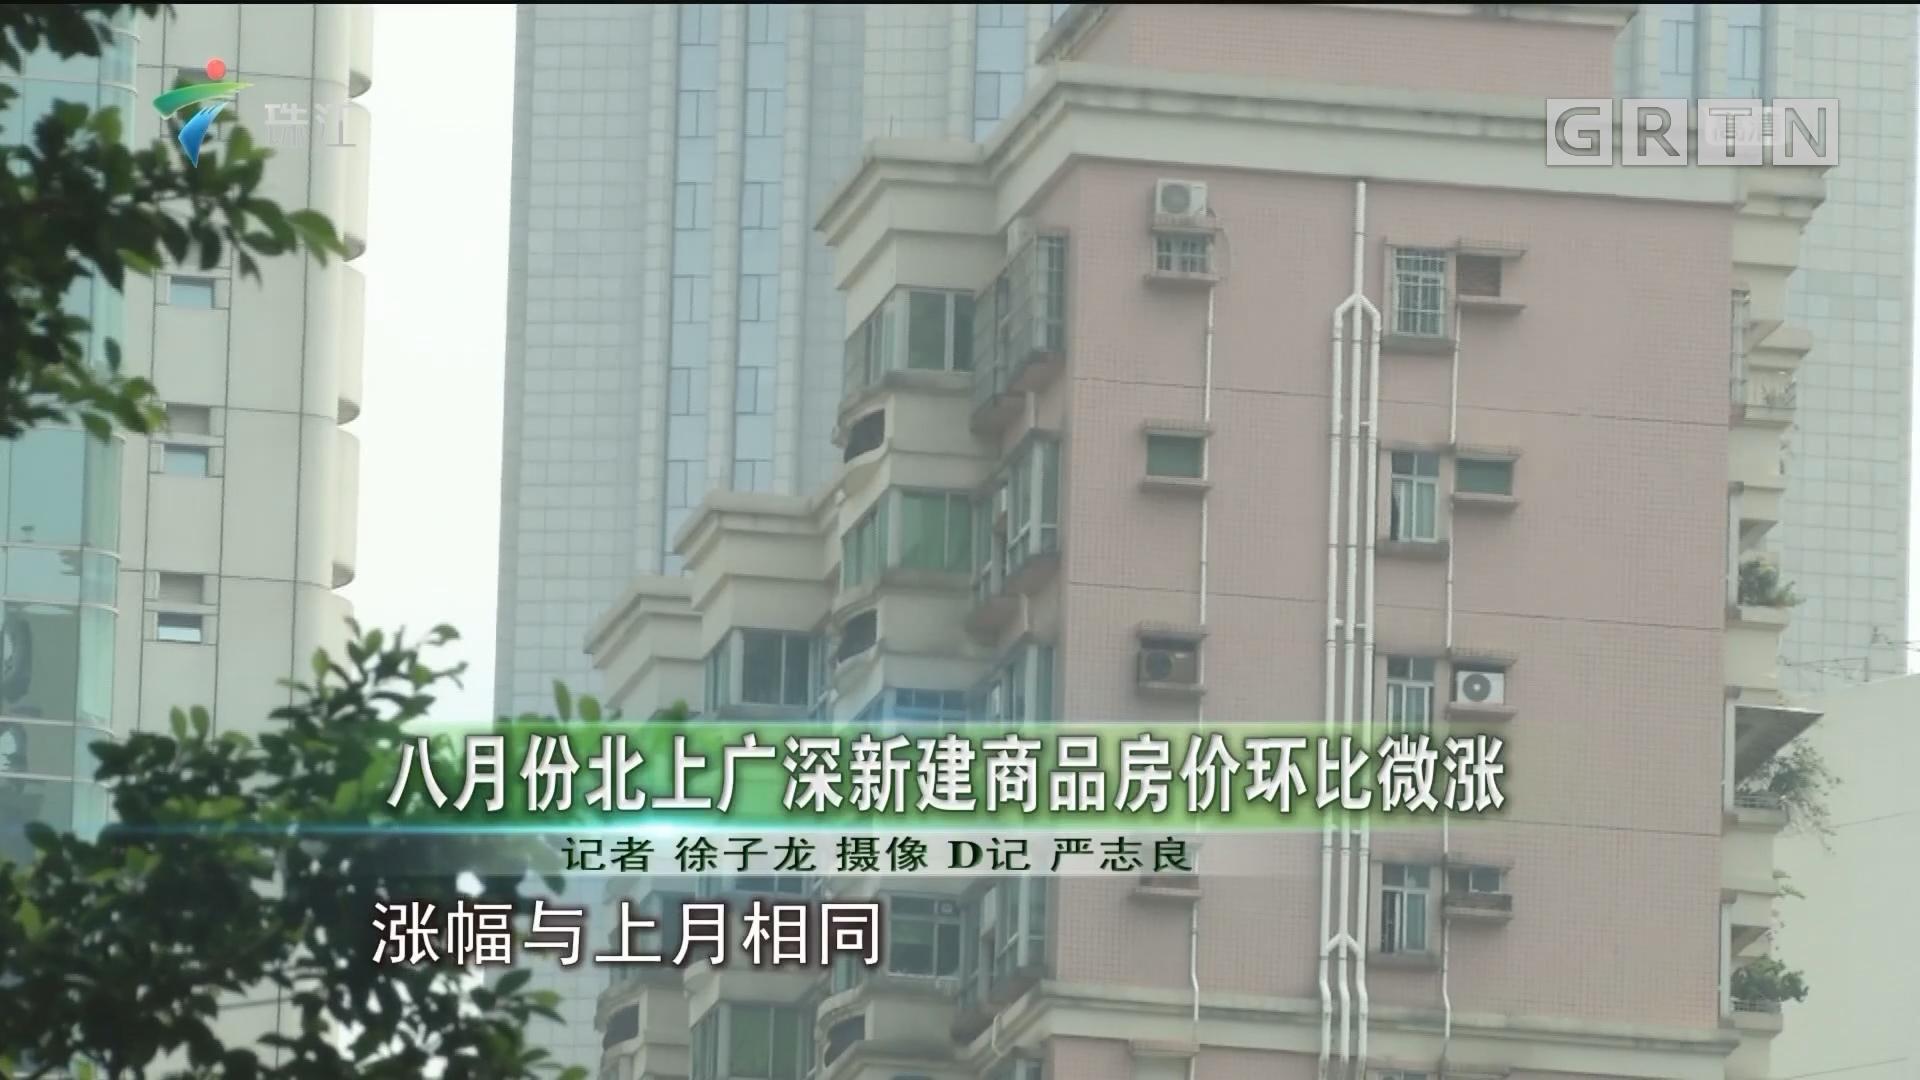 八月份北上广深新建商品房价环比微涨